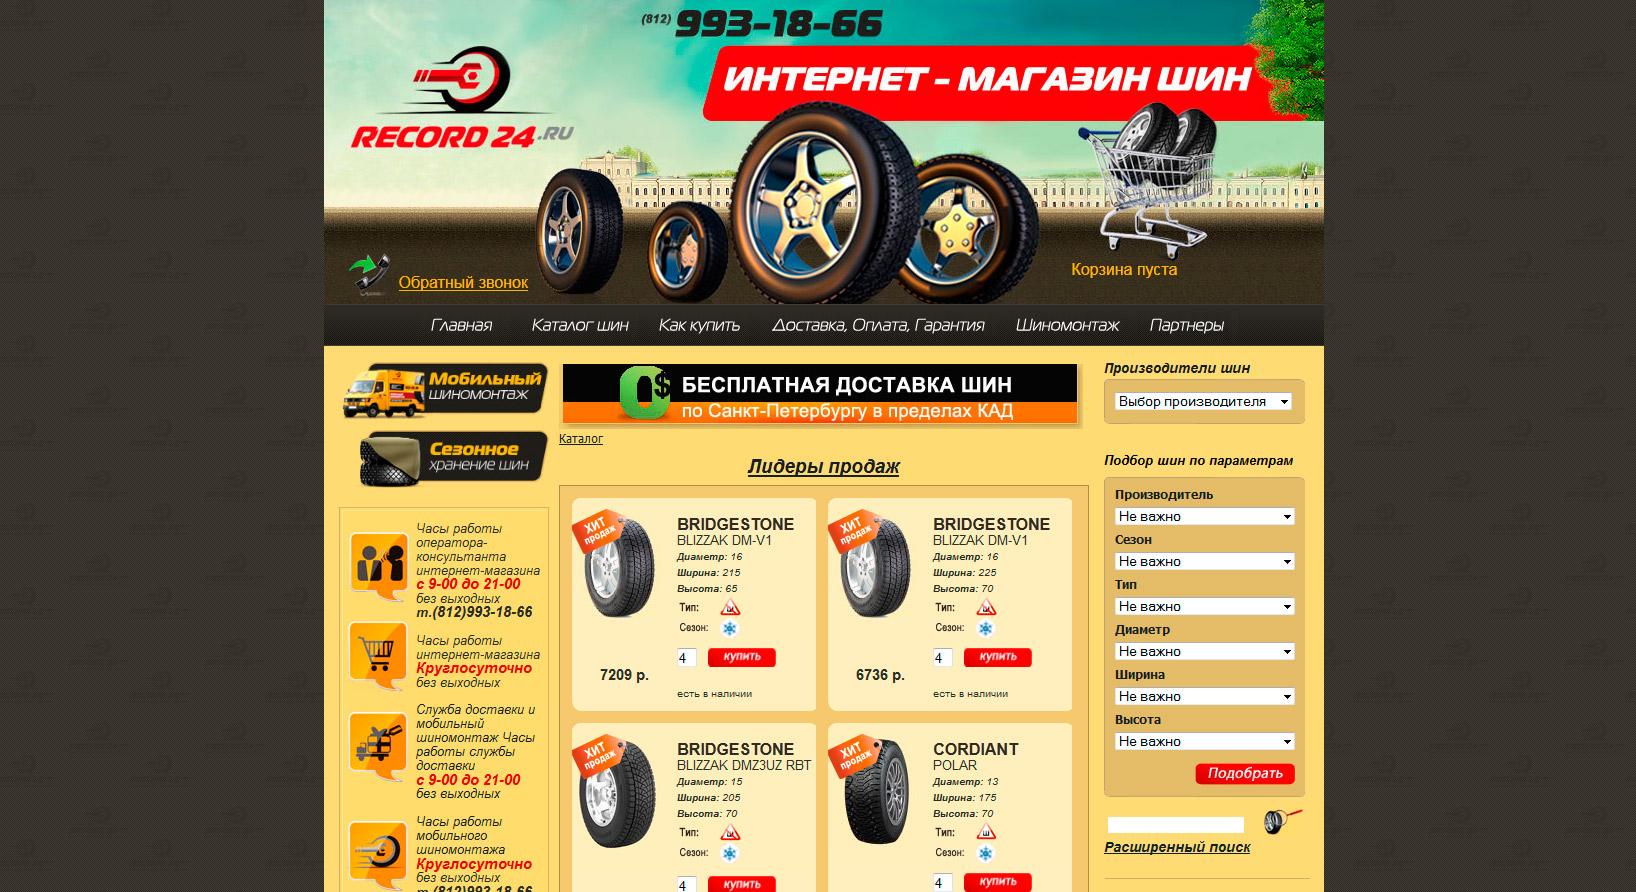 Интернет-магазин шин «Рекорд 24»